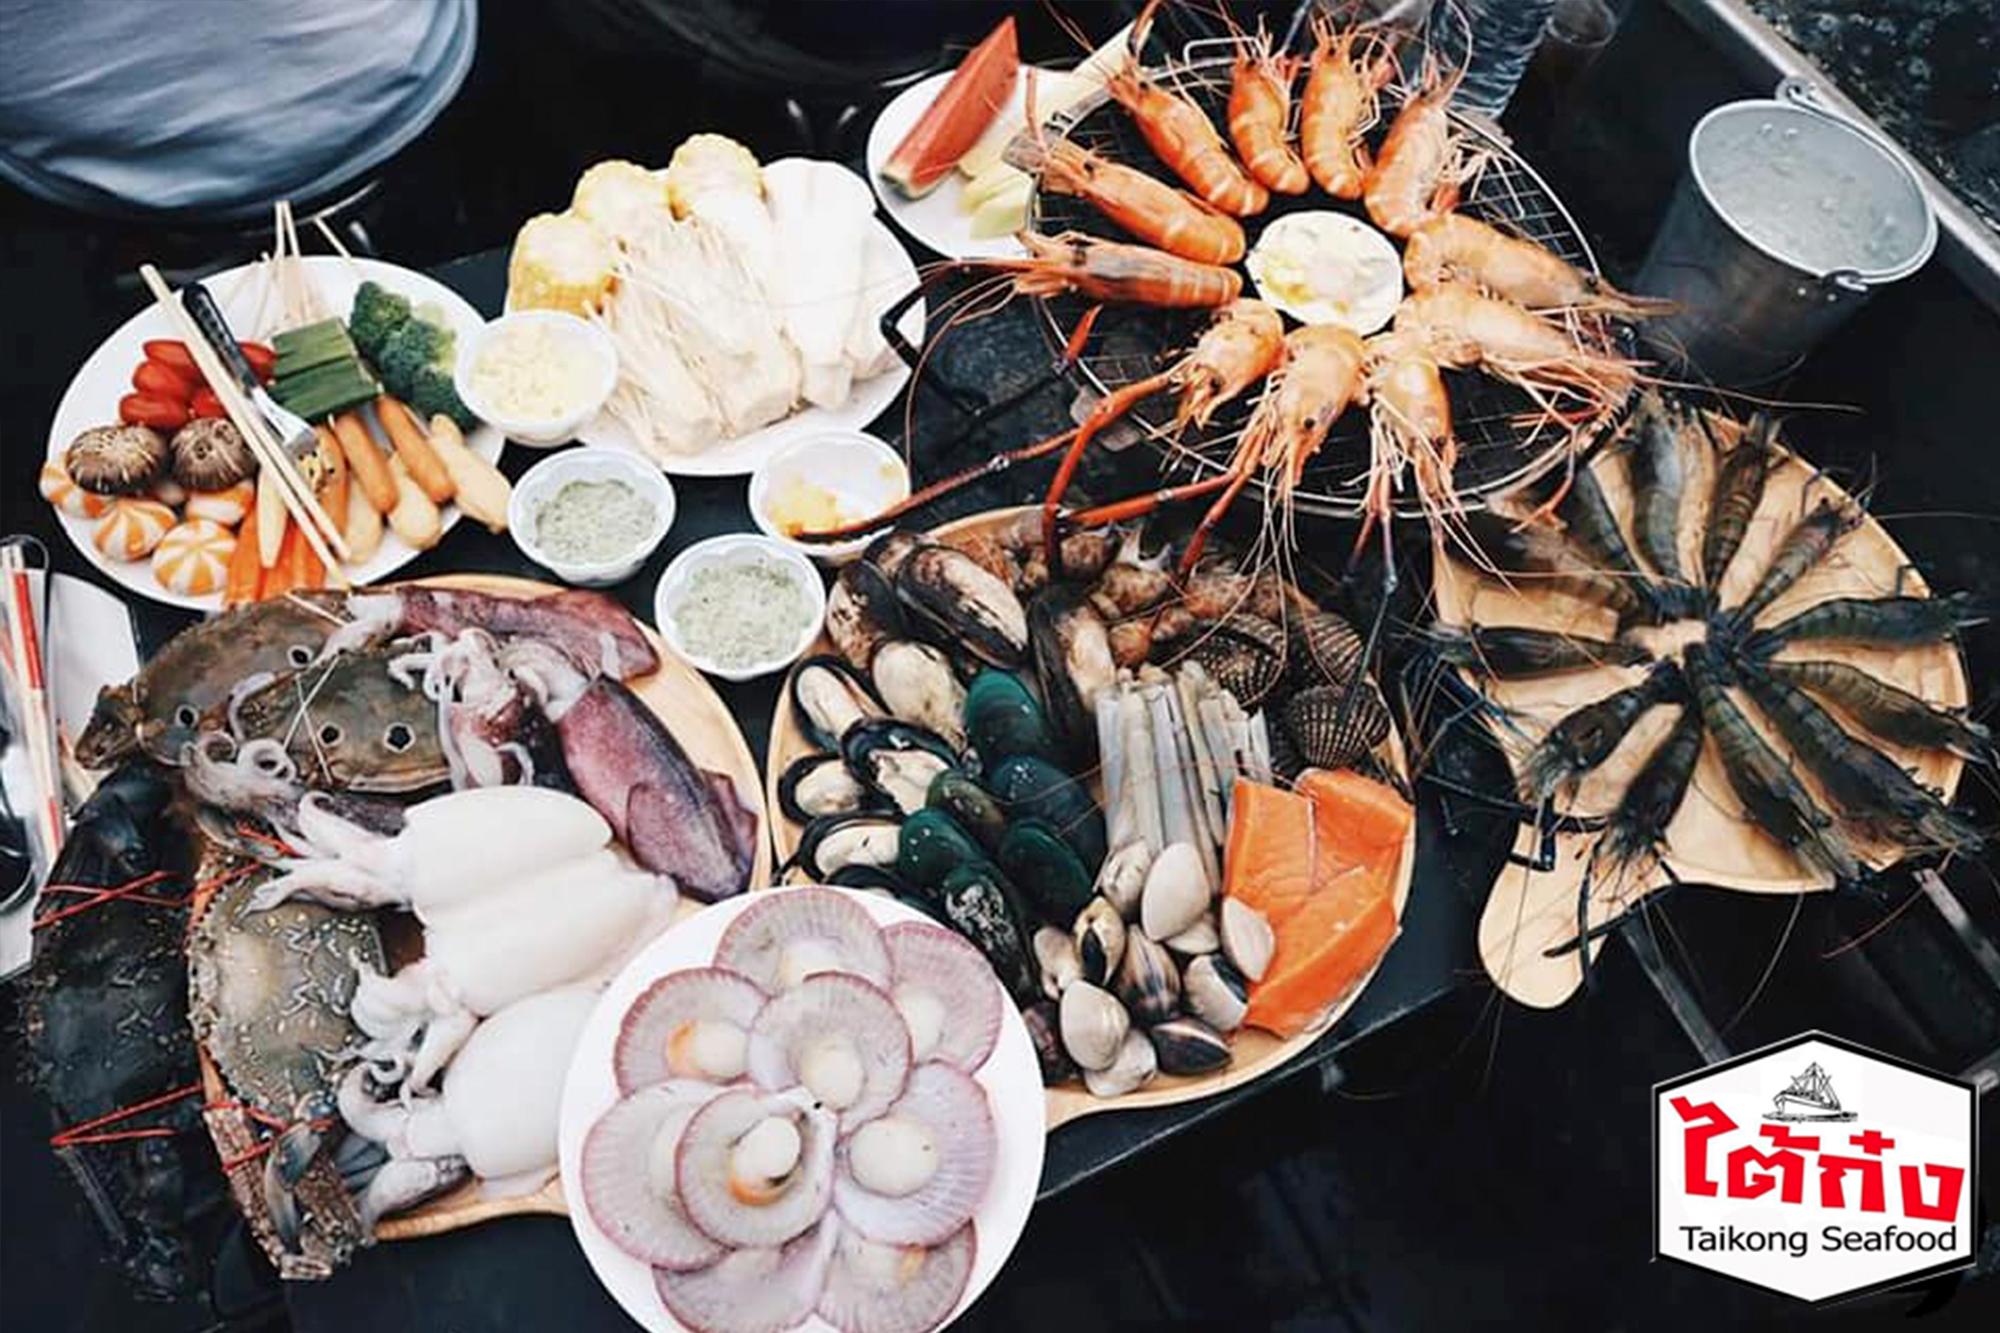 曼谷Taikong流水虾海鲜餐厅,还可以享用到其他海鲜烧烤无限吃。